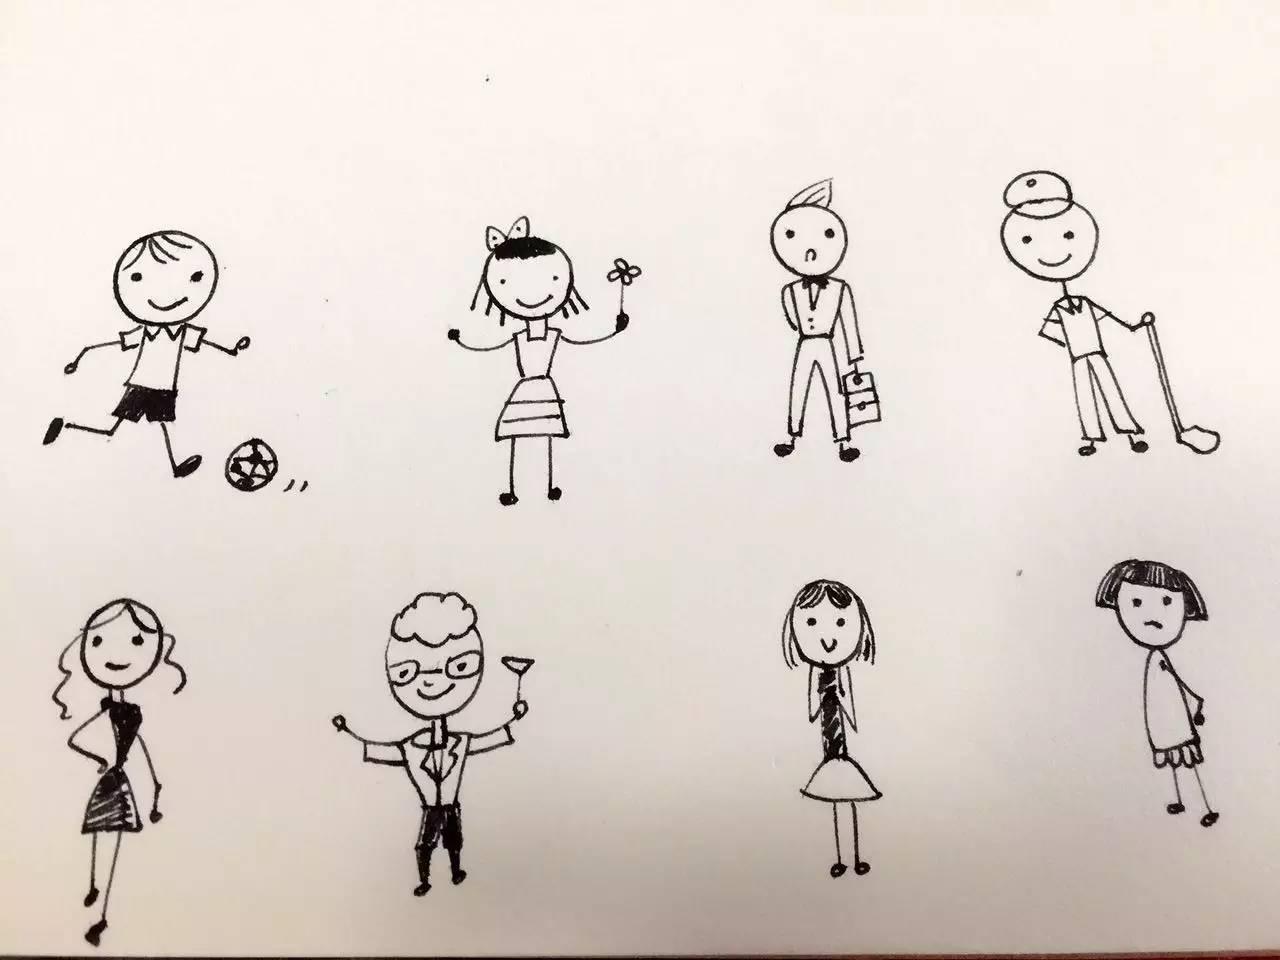 人物简笔画教程 | 人物简笔画速成画法,这次用了你老公的照片做素材